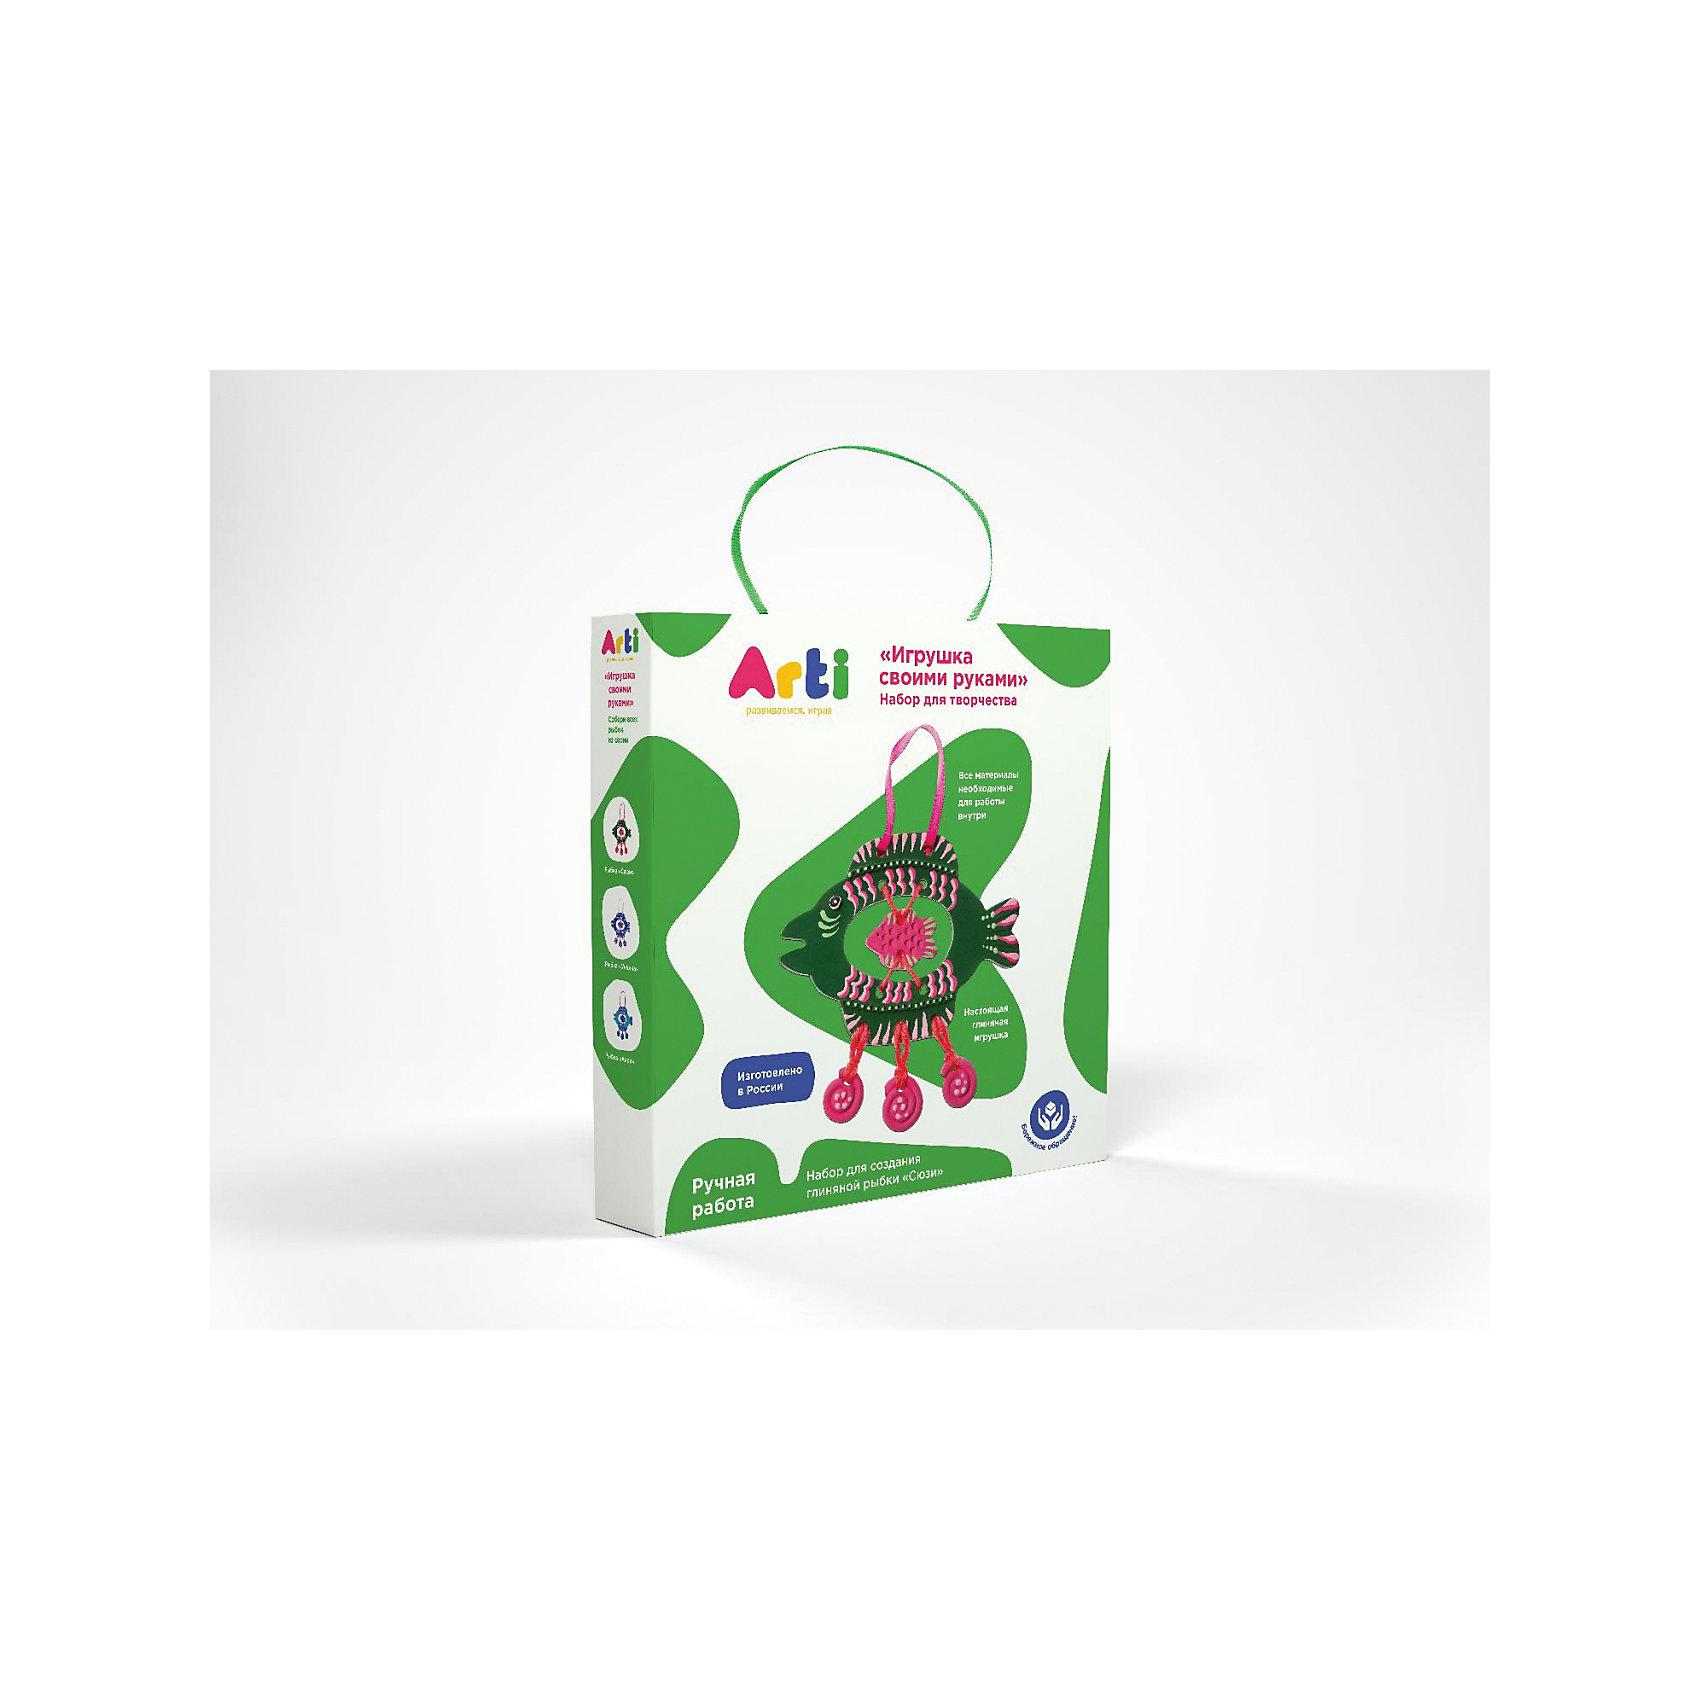 Набор для творчества Глиняная рыбка СюзиРисование<br>Набор для творчества Глиняная рыбка Сюзи.<br><br>Характеристика: <br><br>• Возраст: от 3 лет<br>• Материал: глина, текстиль, краски, дерево, шерсть. <br>• Размер упаковки: 3х18х18 см. <br>• Комплектация: детали рыбки, акриловые краски, кисть, шерстяные нити, деревянная палочка для работы с нитями, ленточка для подвеса изделия.<br>• Объем 1 баночки с краской: 5 мл.<br>• Развивает моторику рук, мышление, внимание. фантазию, творческие способности. <br><br>С помощью этого замечательного набора ваш ребенок сможет создать яркую глиняную фигурку и раскрасить ее по своему вкусу. Все детали набора выполнены из высококачественных материалов. Доступная простая инструкция позволит детям самим сделать свою рыбку. Получившаяся фигурка обязательно украсит стену детской или же станет отличным подарком, сделанным своими руками. <br><br>Набор для творчества Глиняная рыбка Сюзи можно купить в нашем интернет-магазине.<br><br>Ширина мм: 180<br>Глубина мм: 180<br>Высота мм: 30<br>Вес г: 220<br>Возраст от месяцев: 36<br>Возраст до месяцев: 2147483647<br>Пол: Унисекс<br>Возраст: Детский<br>SKU: 5487923